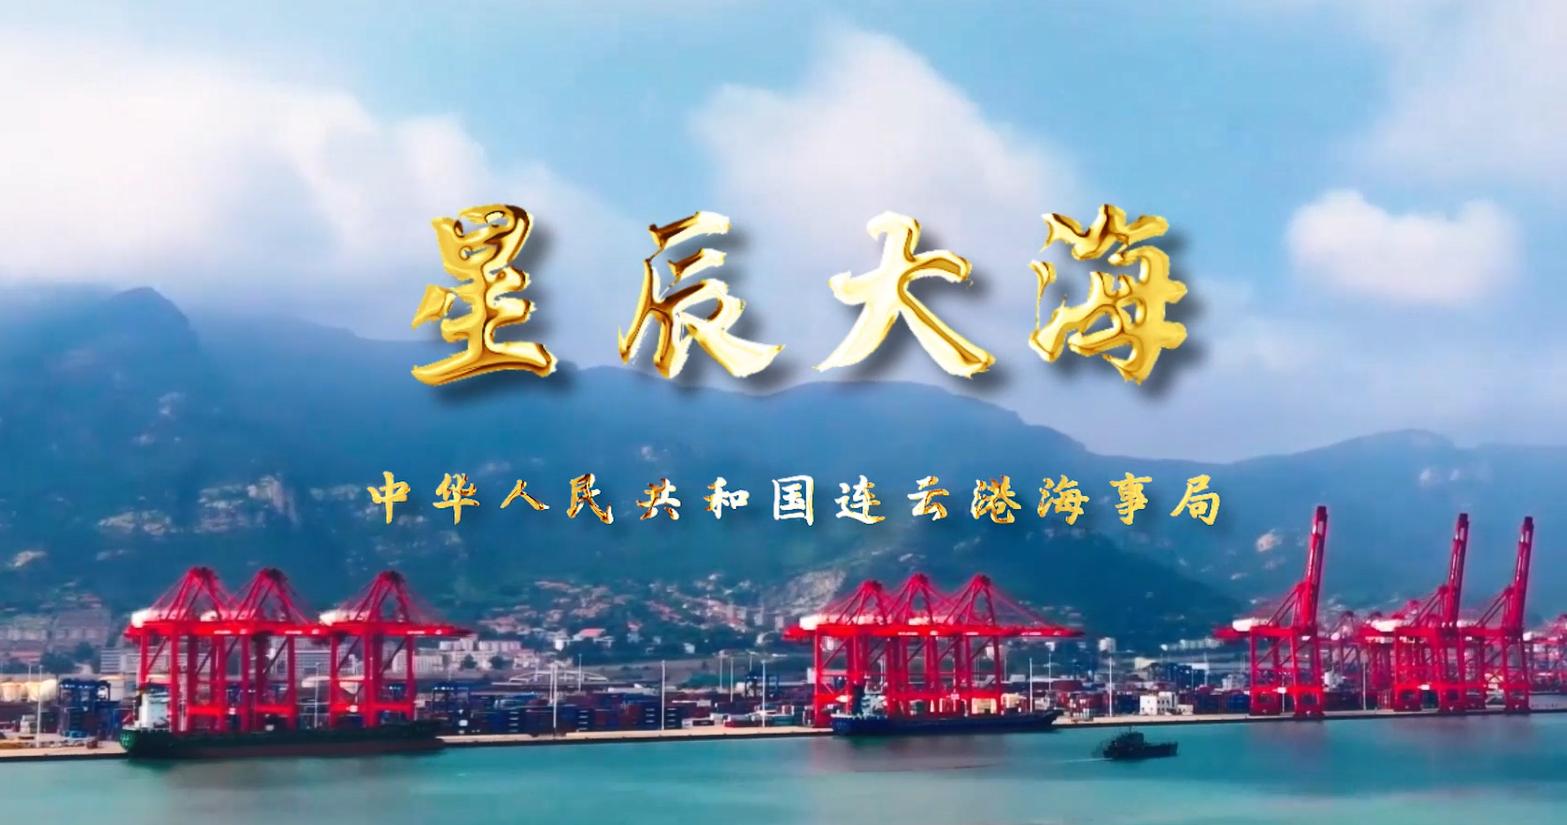 连云港海事局MV《星辰大海》